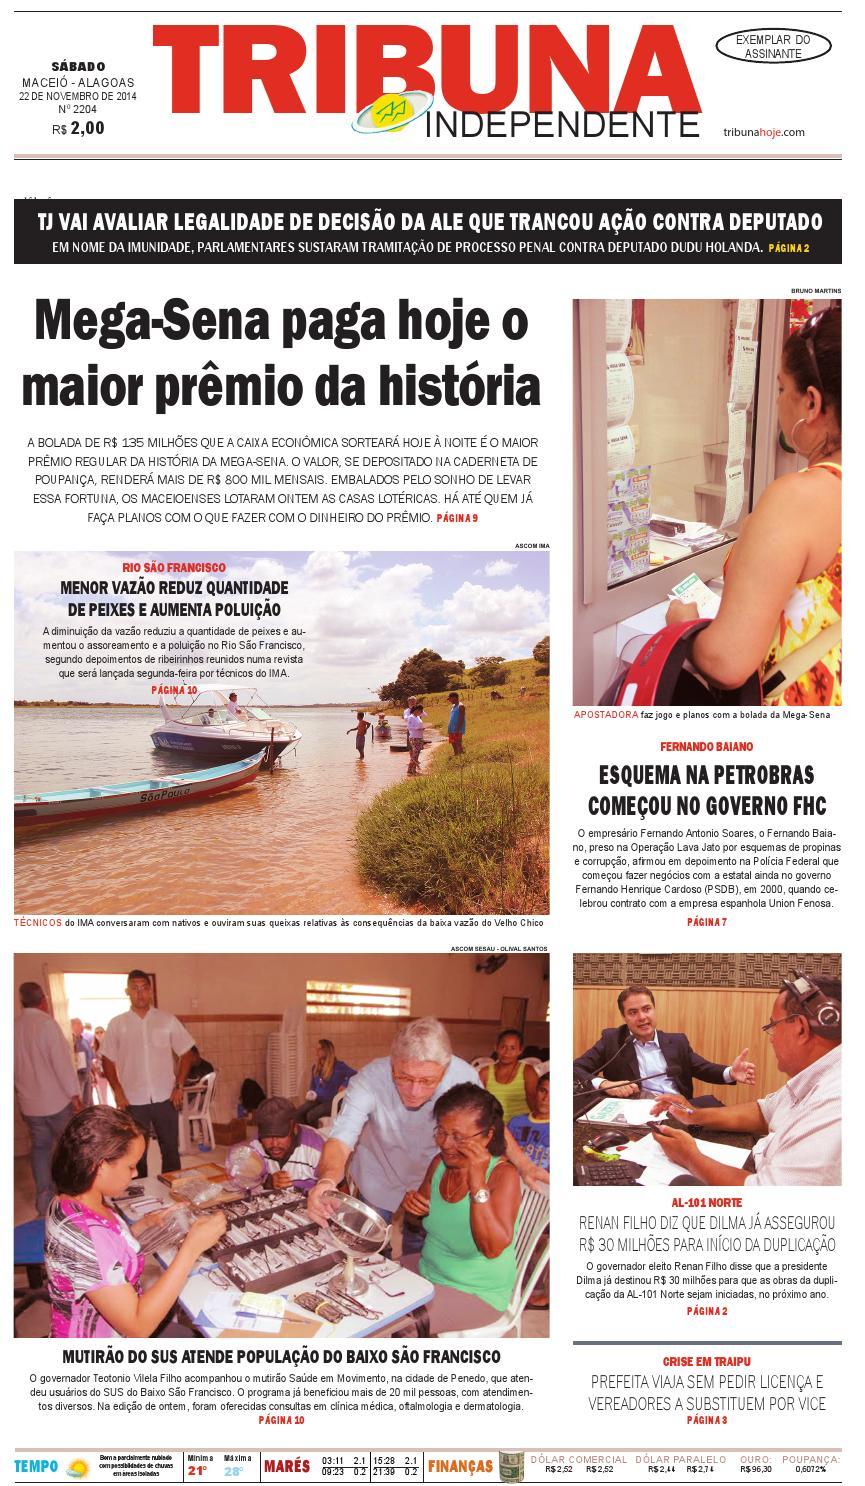 Edição número 2204 - 22 de novembro de 2014 by Tribuna Hoje - issuu cdad8703e9a02